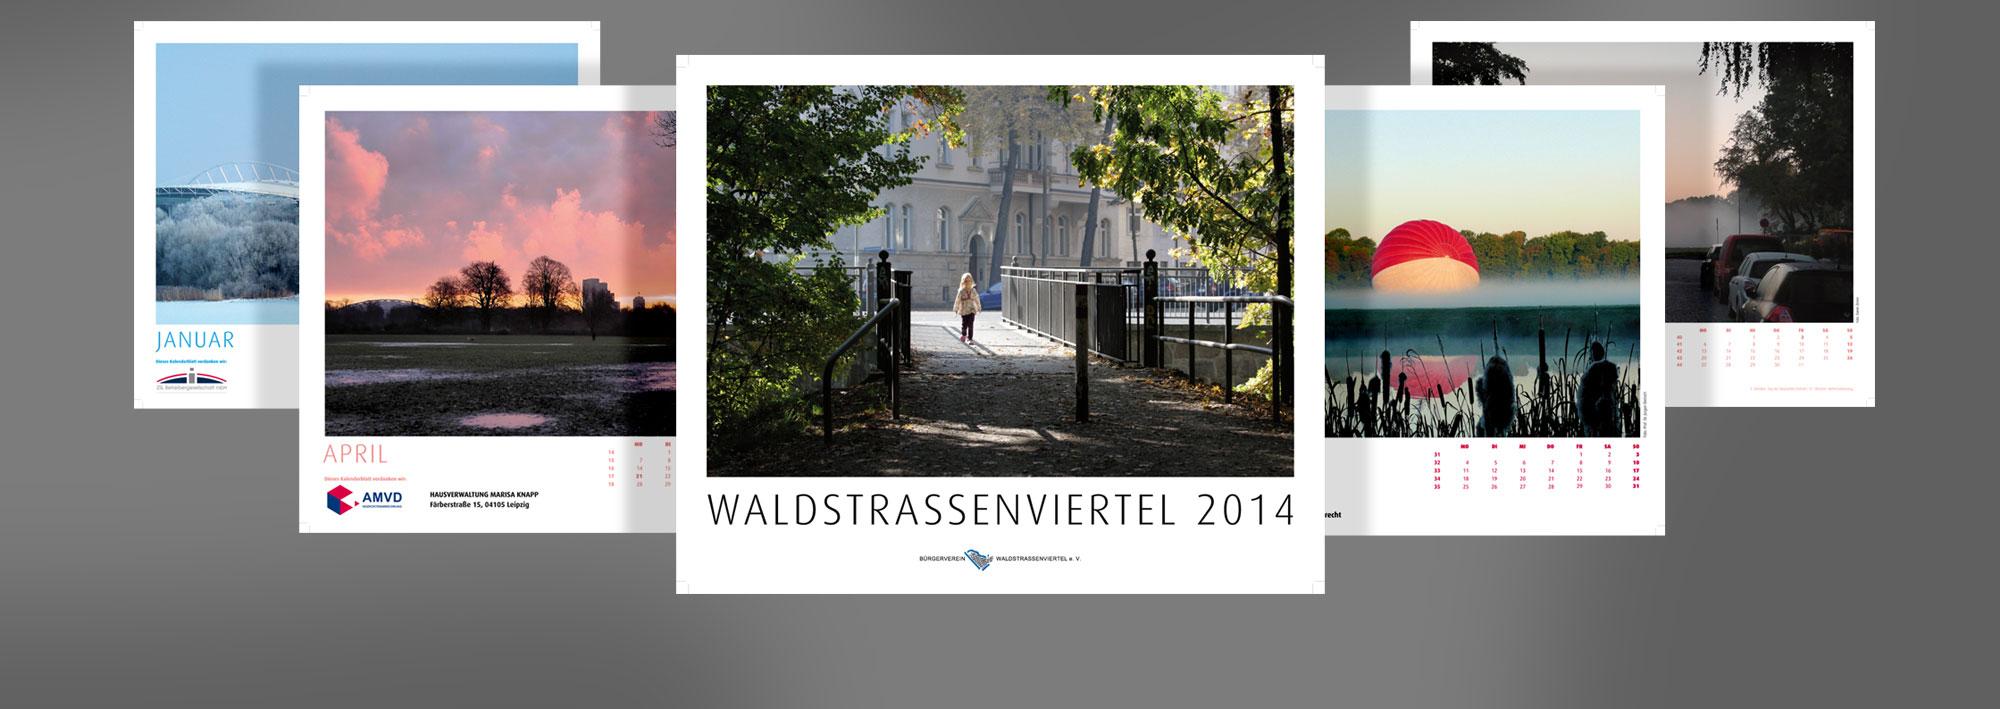 Waldstraßenviertel Kalender 2014